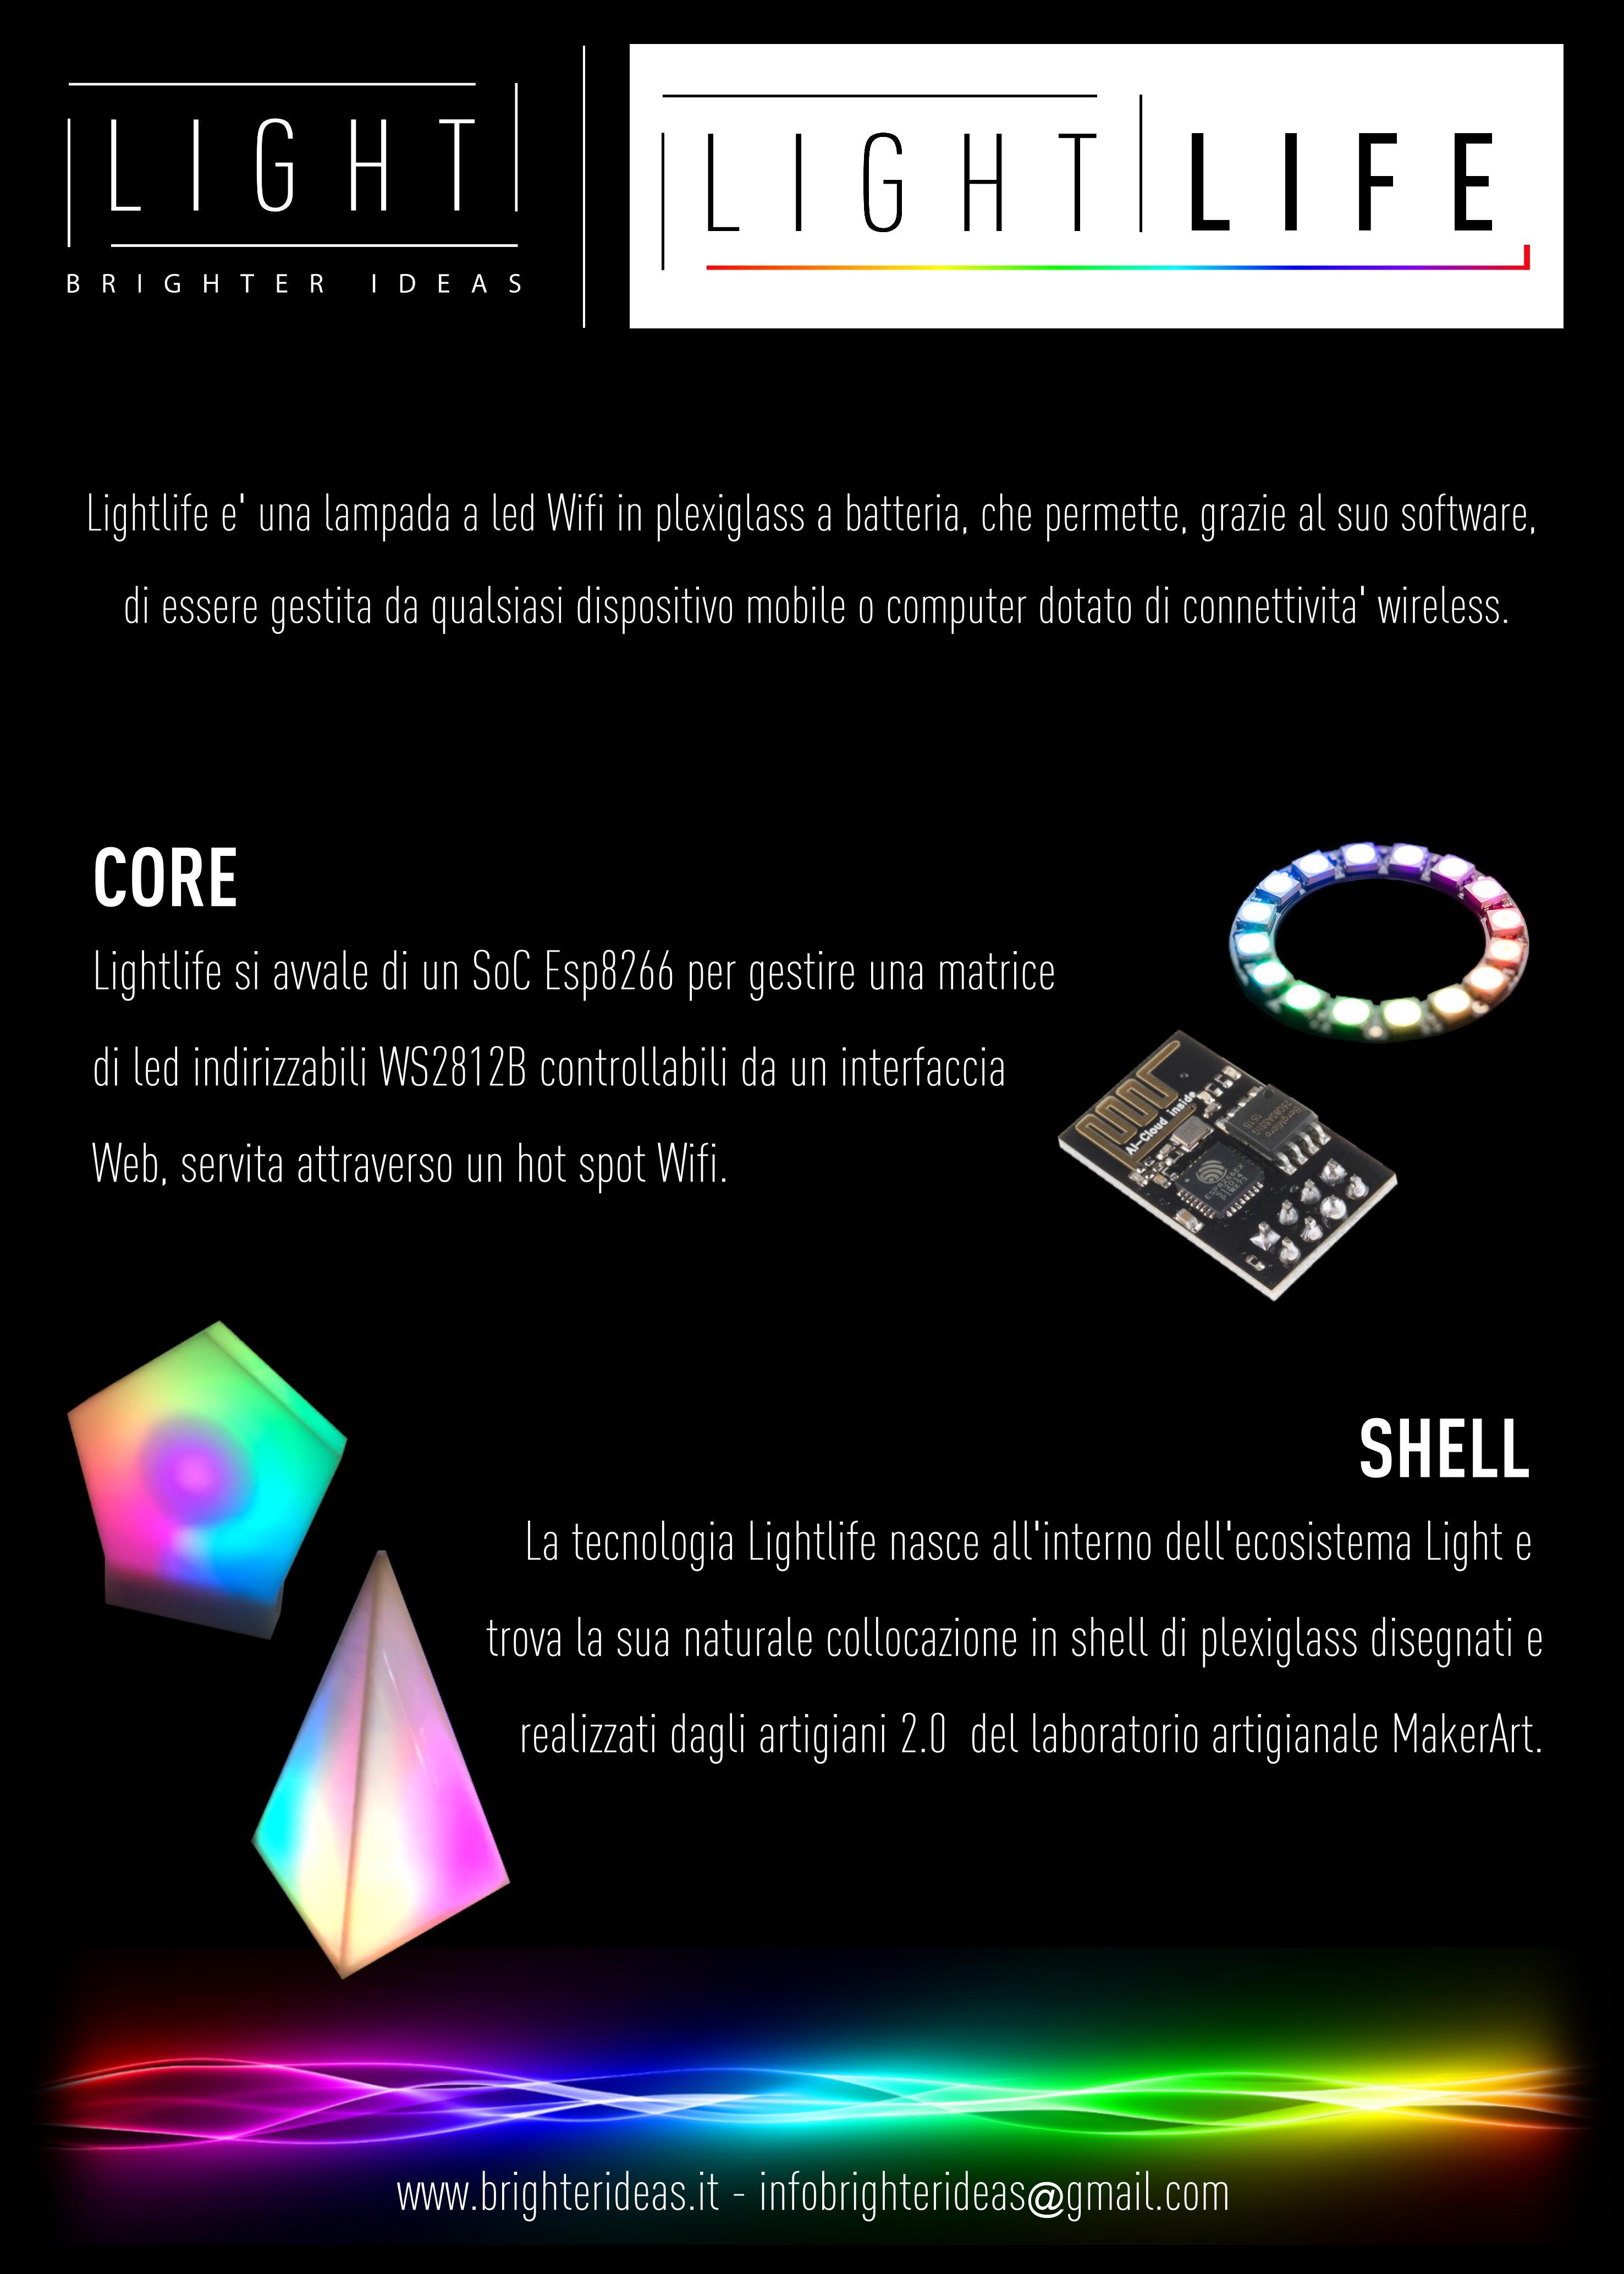 LightLife Lamps